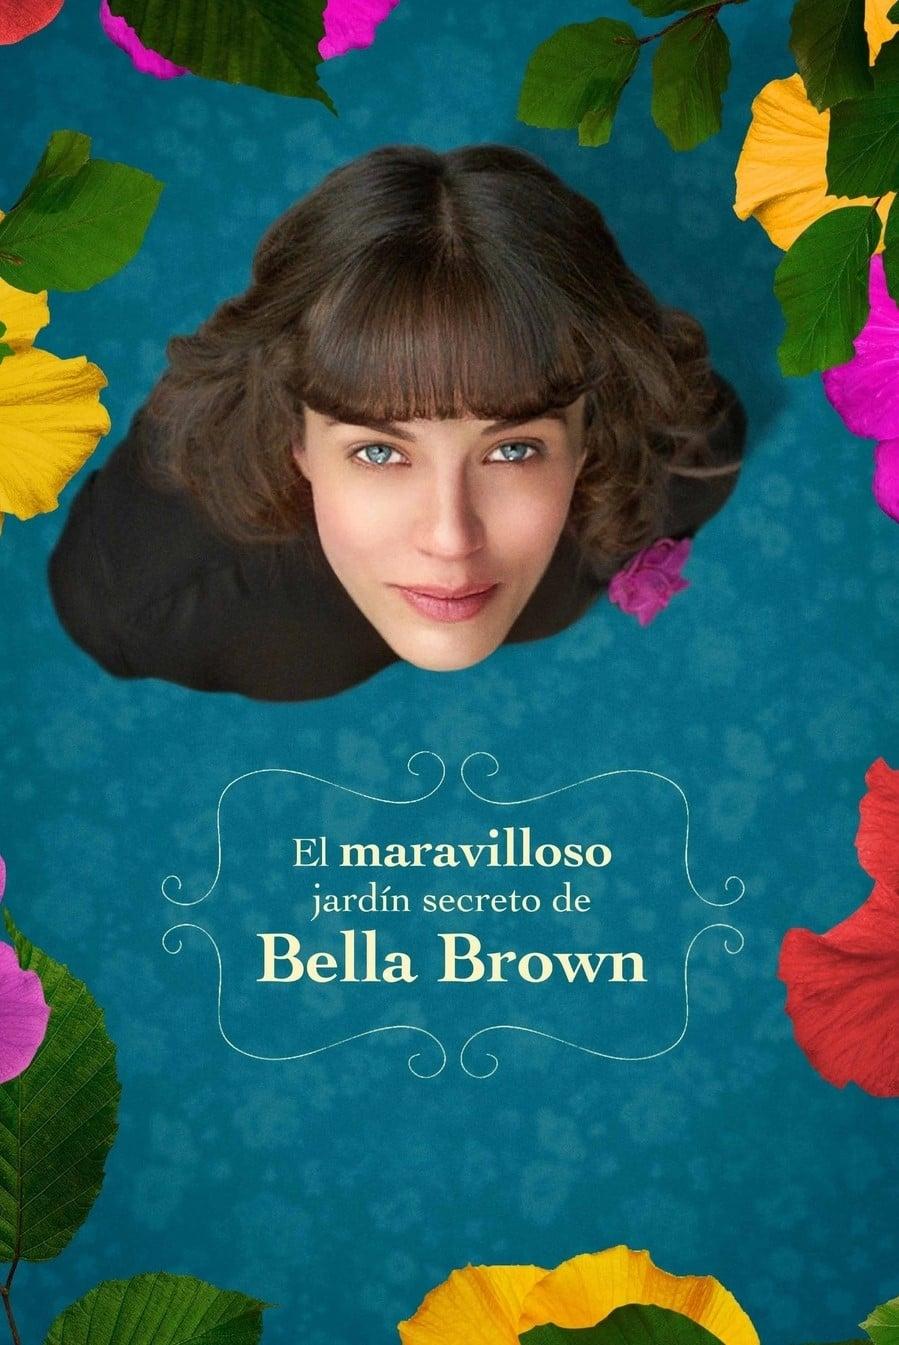 Póster El maravilloso jardín secreto de Bella Brown